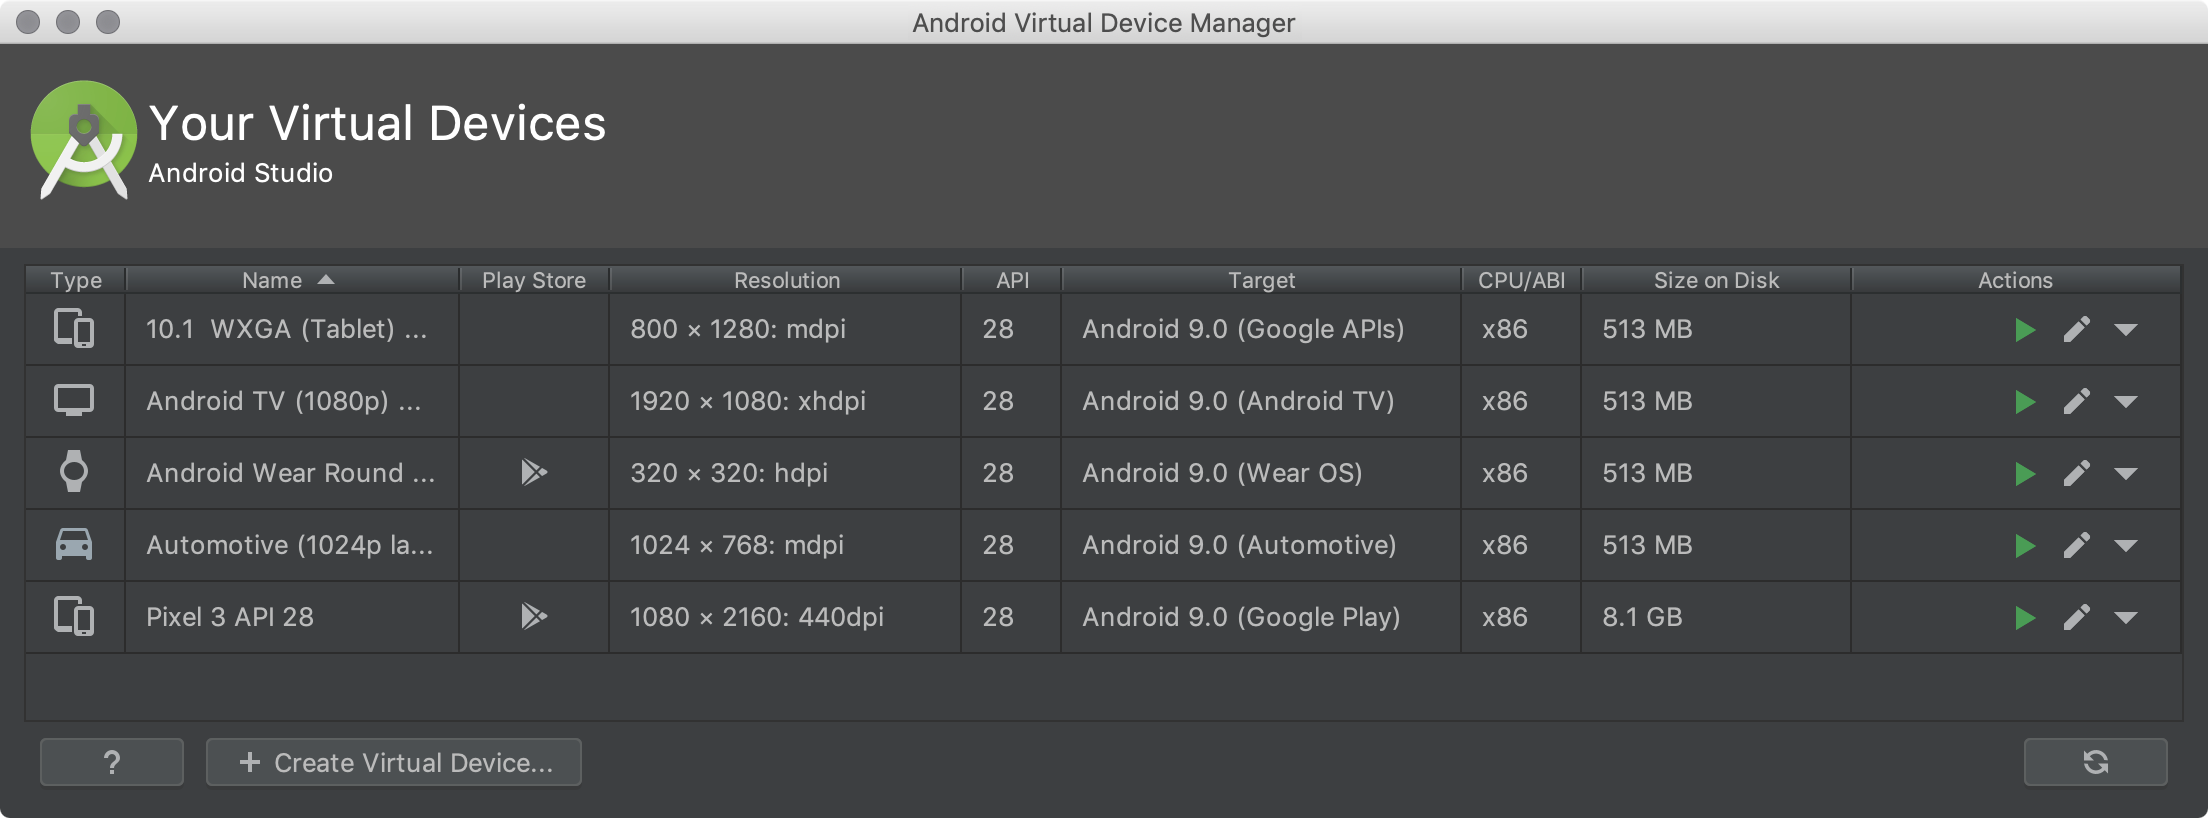 Criar e gerenciar dispositivos virtuais | Android Developers